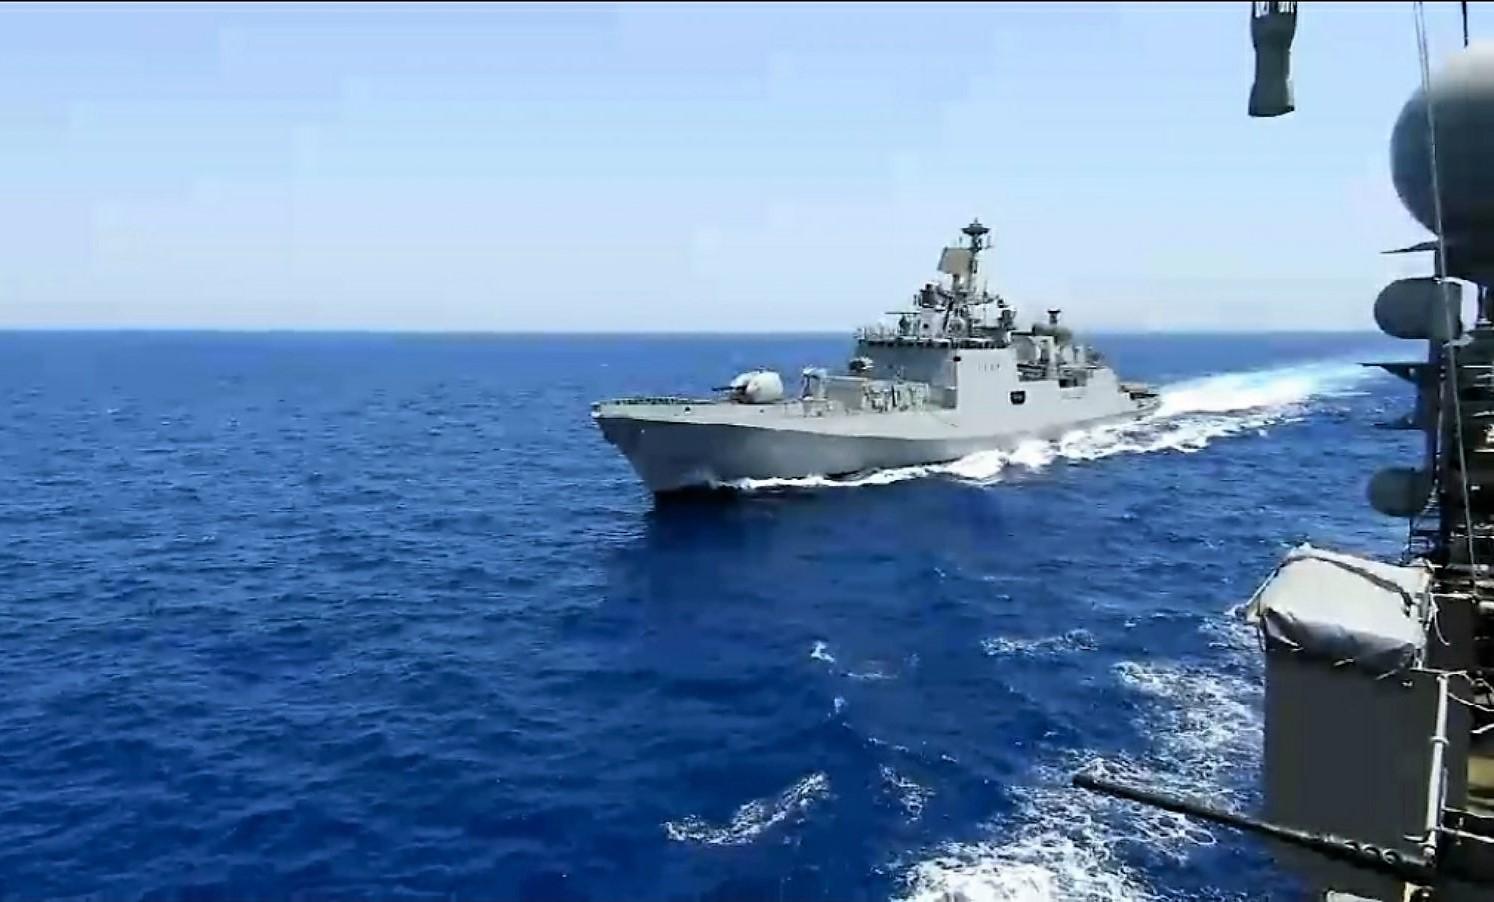 Ελλάδα: Συνεκπαίδευση PASSEX με φρεγάτα του Πολεμικού Ναυτικού της Ινδίας (pics)